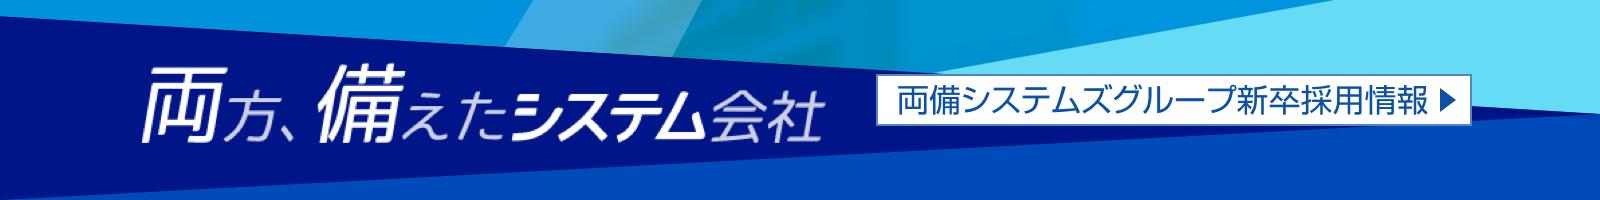 両備システムズクループ新卒採用情報専用サイト